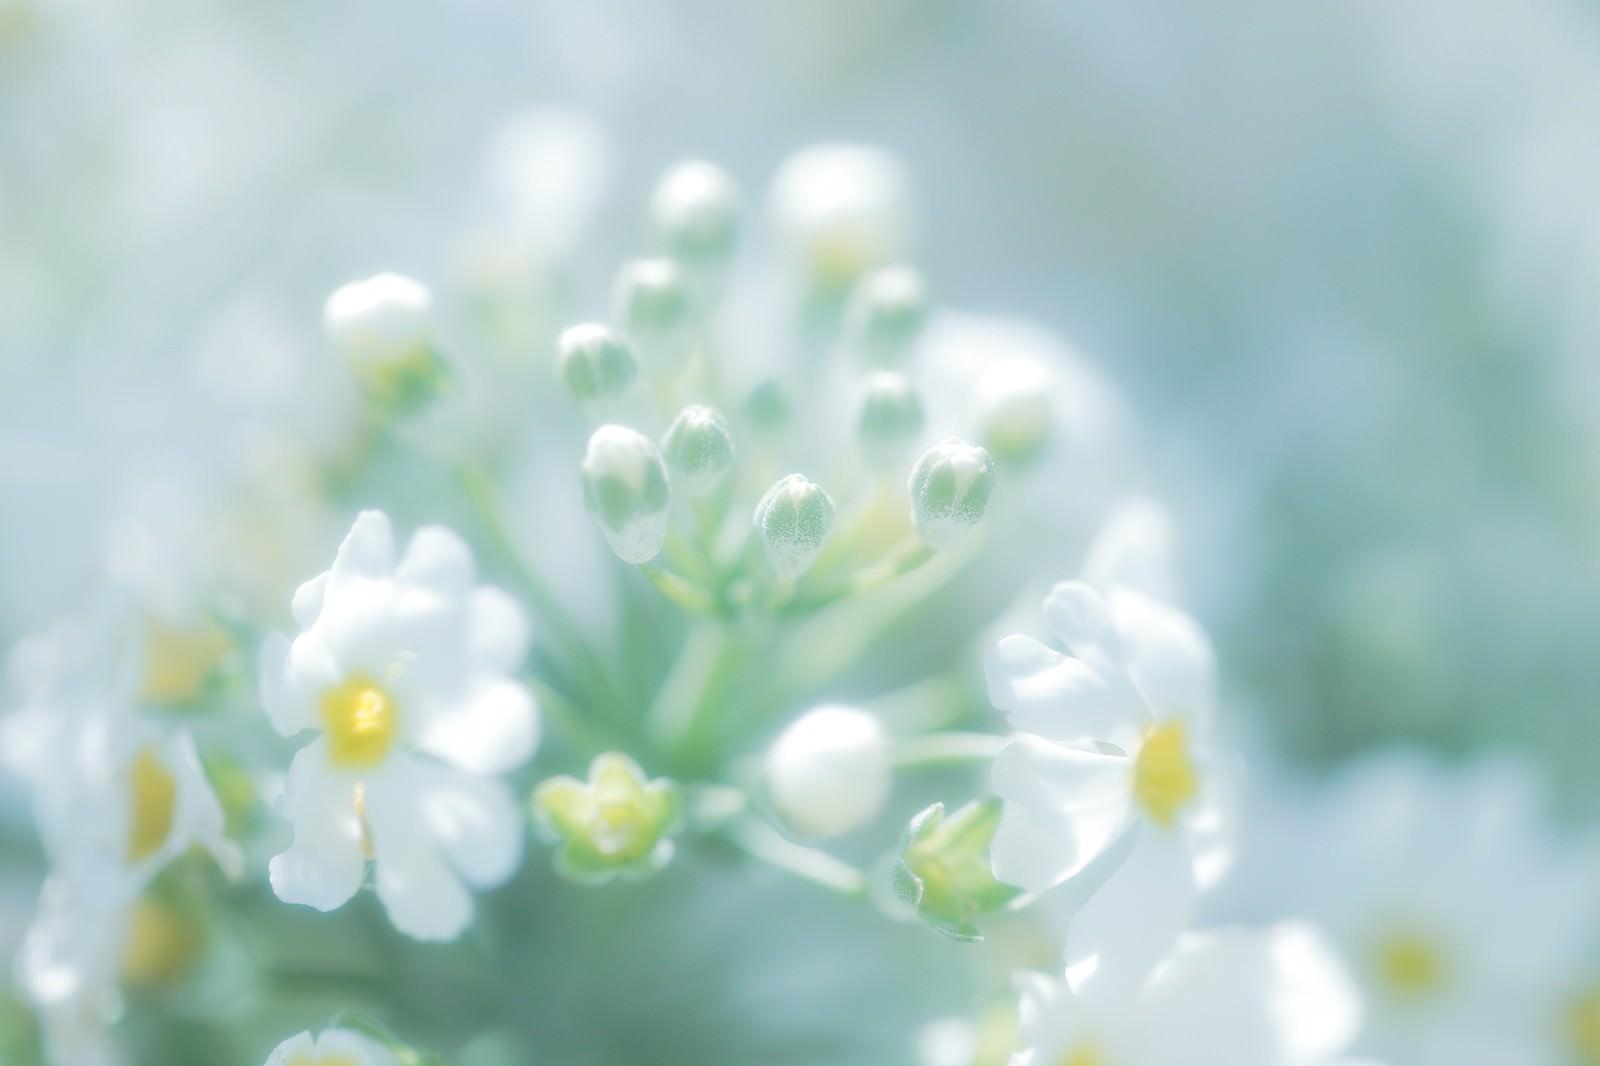 「あわくはかない花の気持ち」の写真